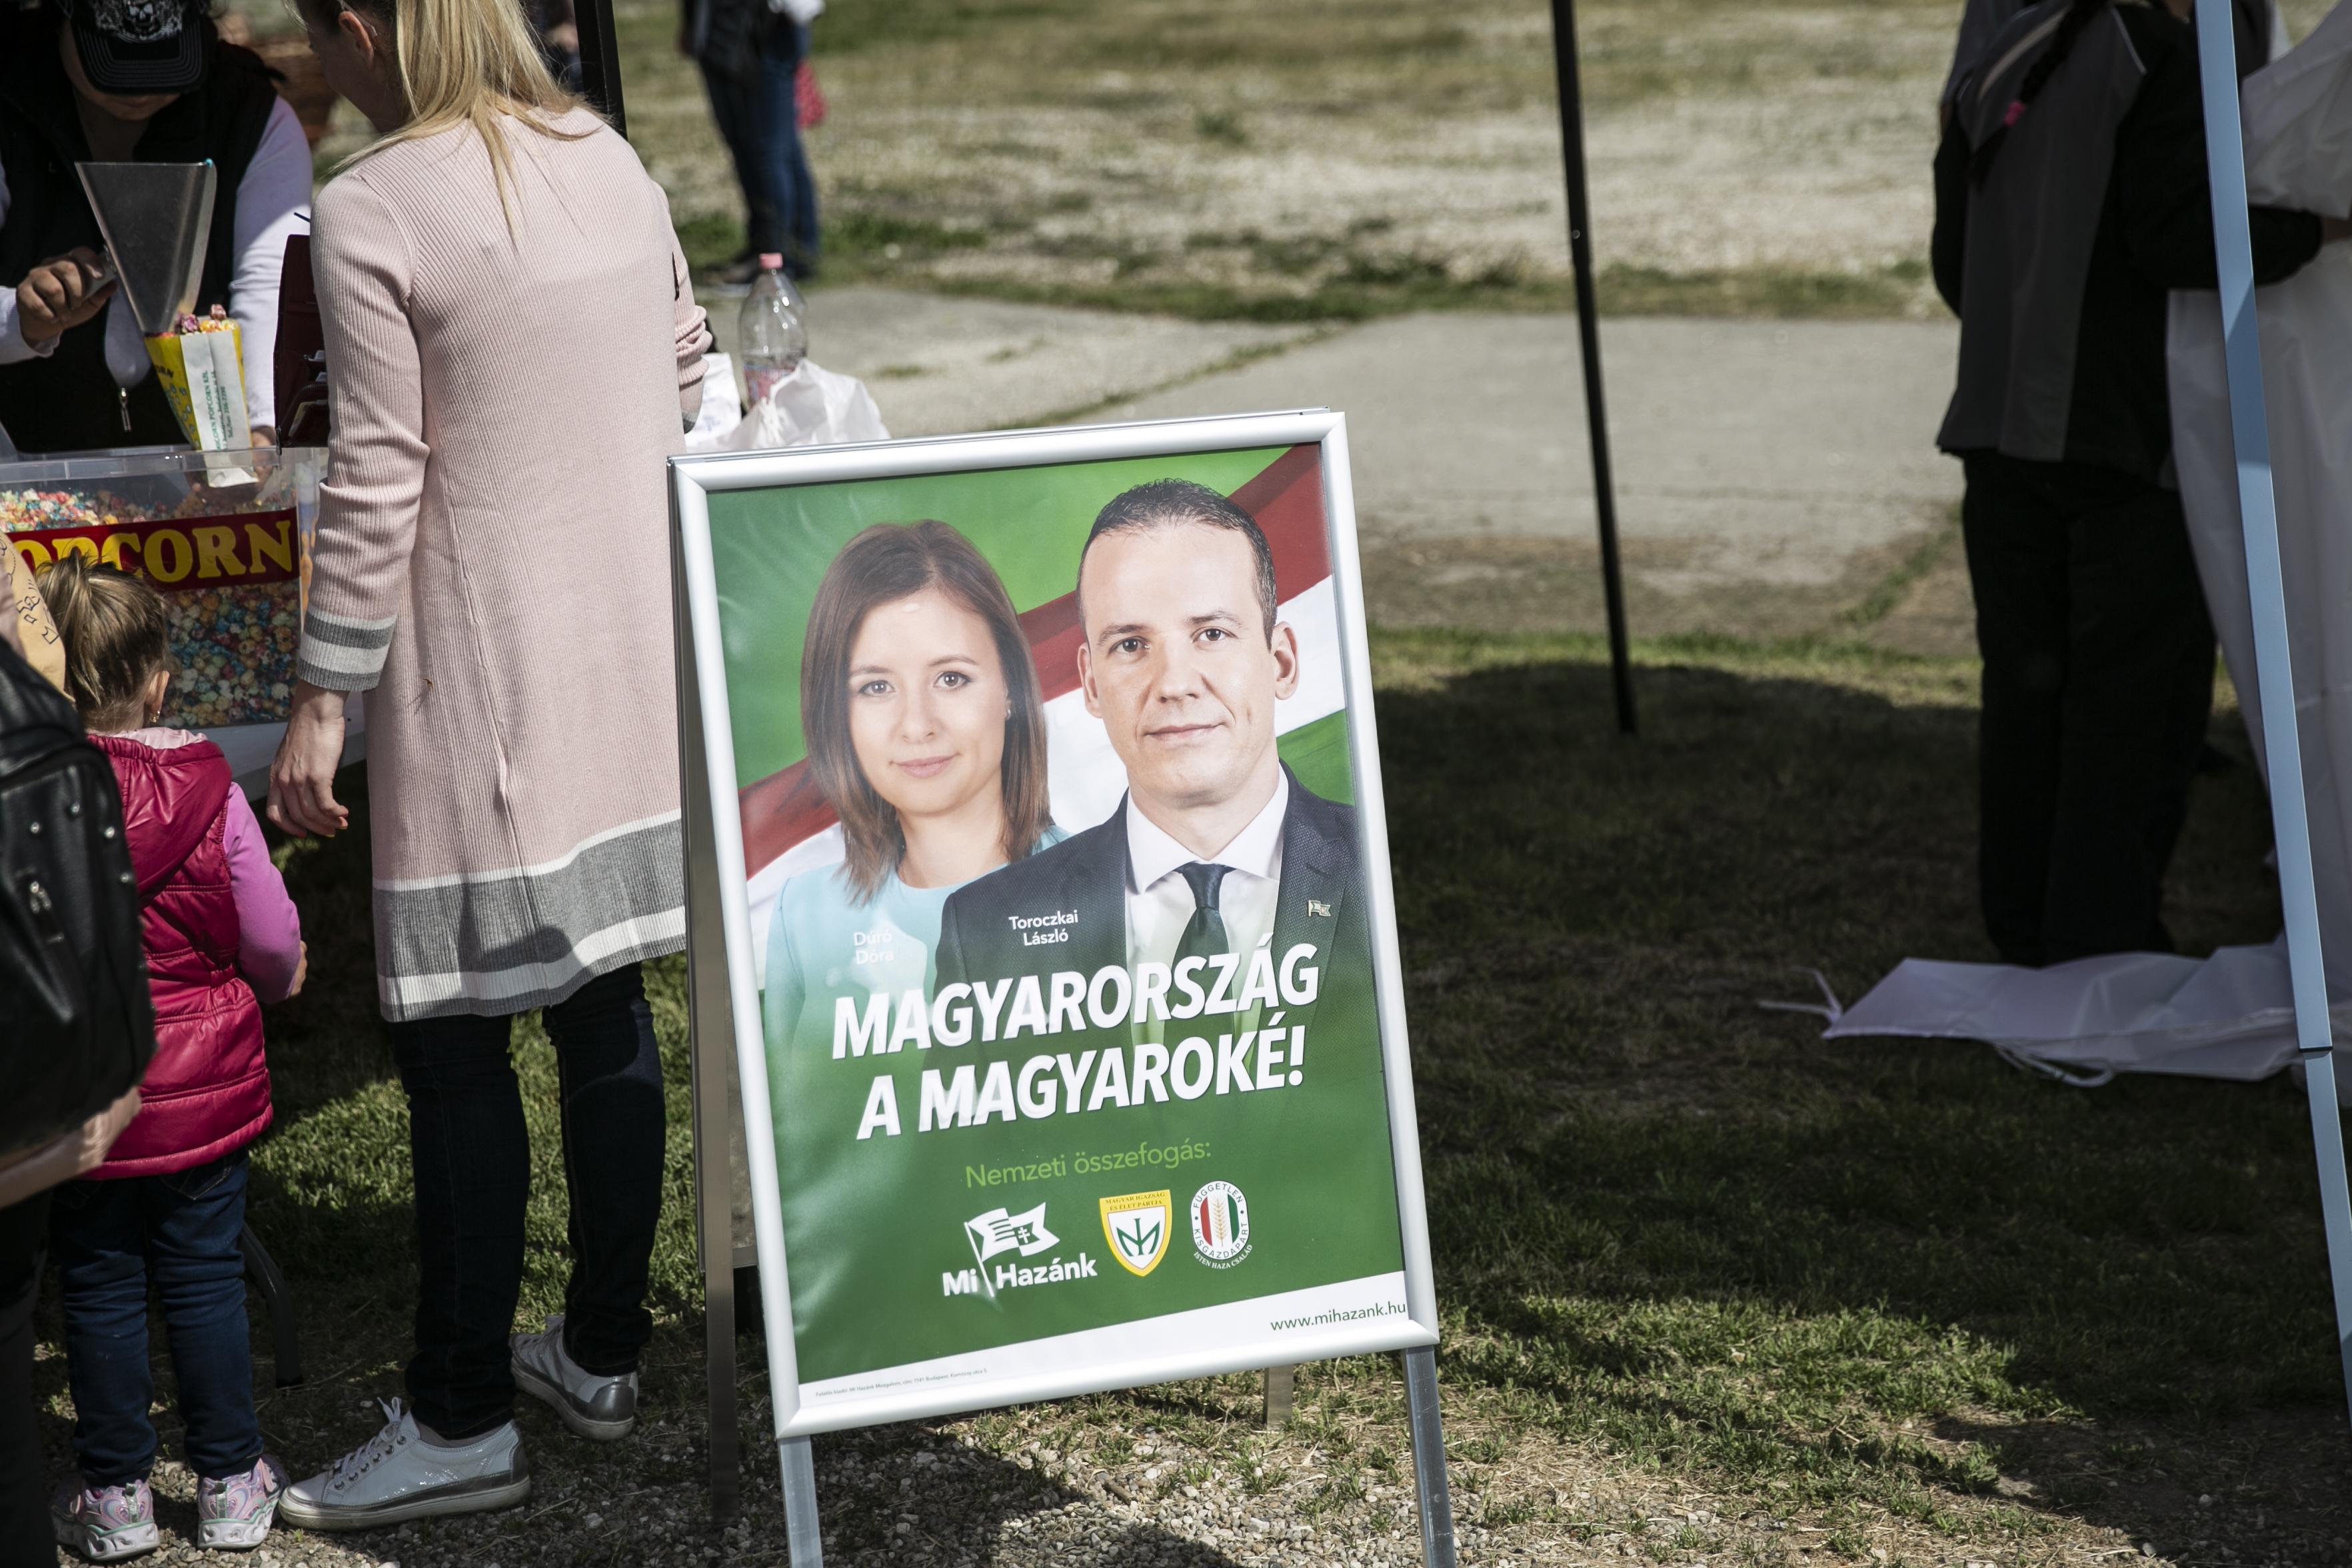 A kormány meggondolta magát, mégsem támogatja Toroczkaiék szélsőjobboldali fesztiválját